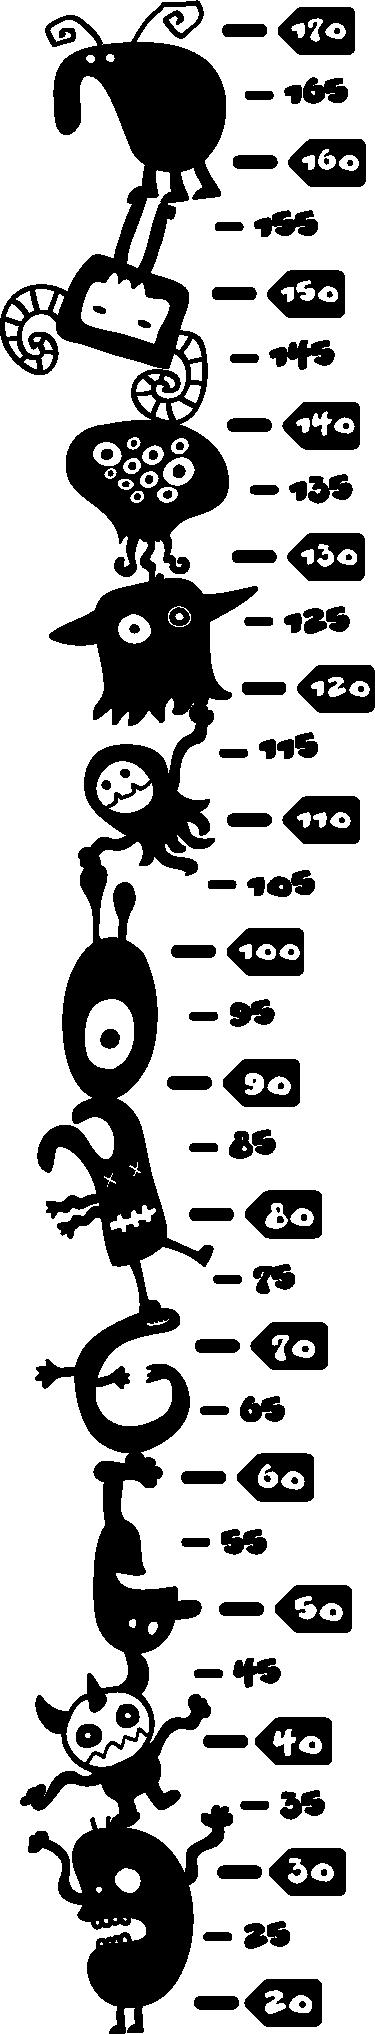 TenStickers. Adesivo metro alieni in equilibrio. Alieni in equlibrio uno su l'altro affincano la misurazione a metro in questo sticker originale